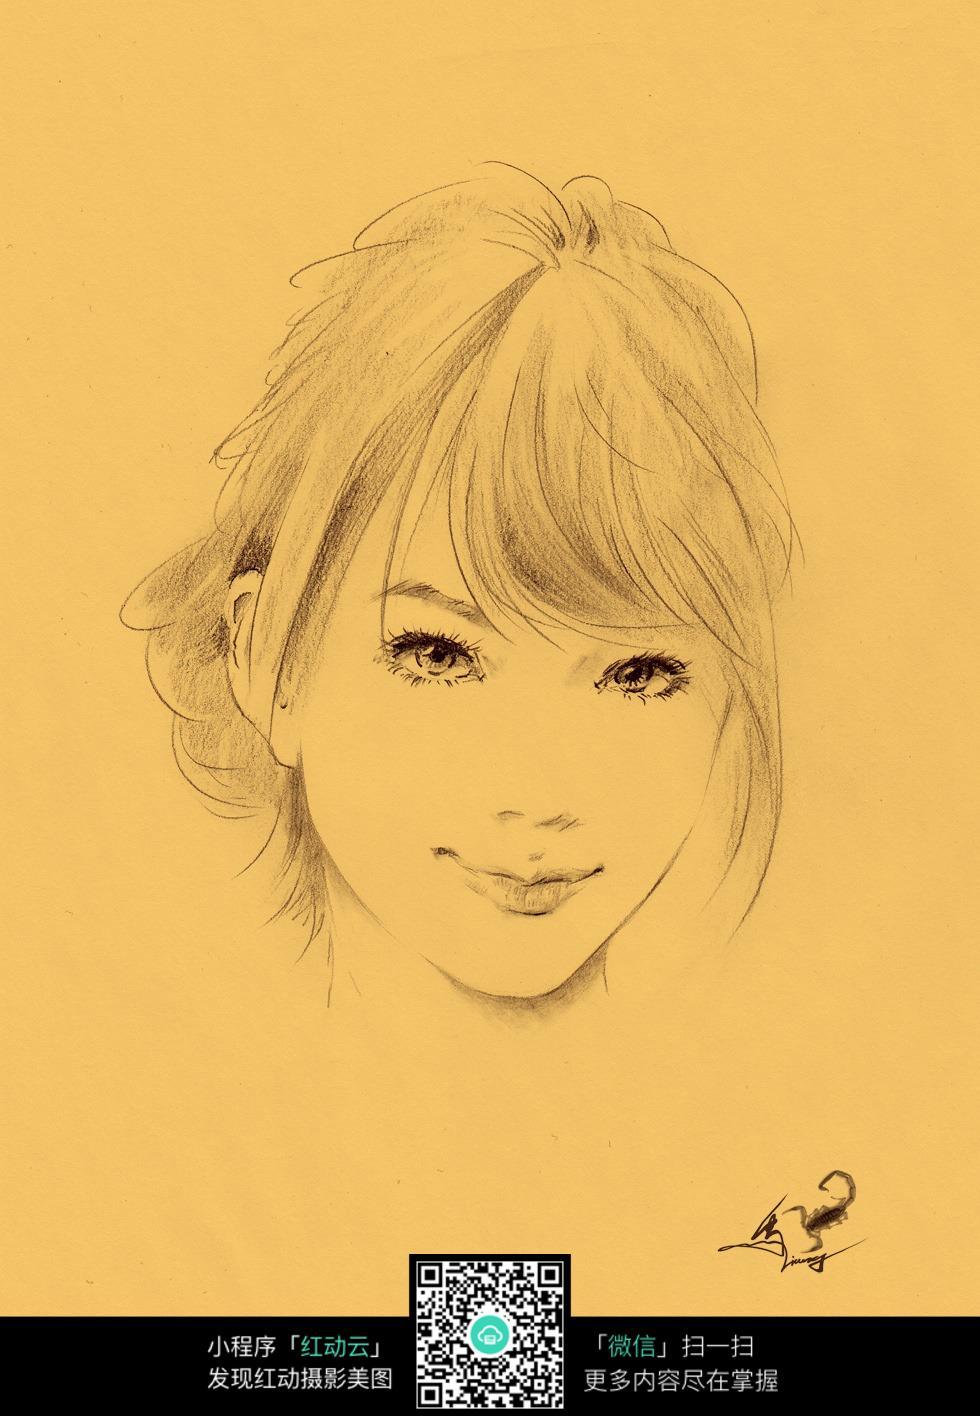 日系少女素描画图片